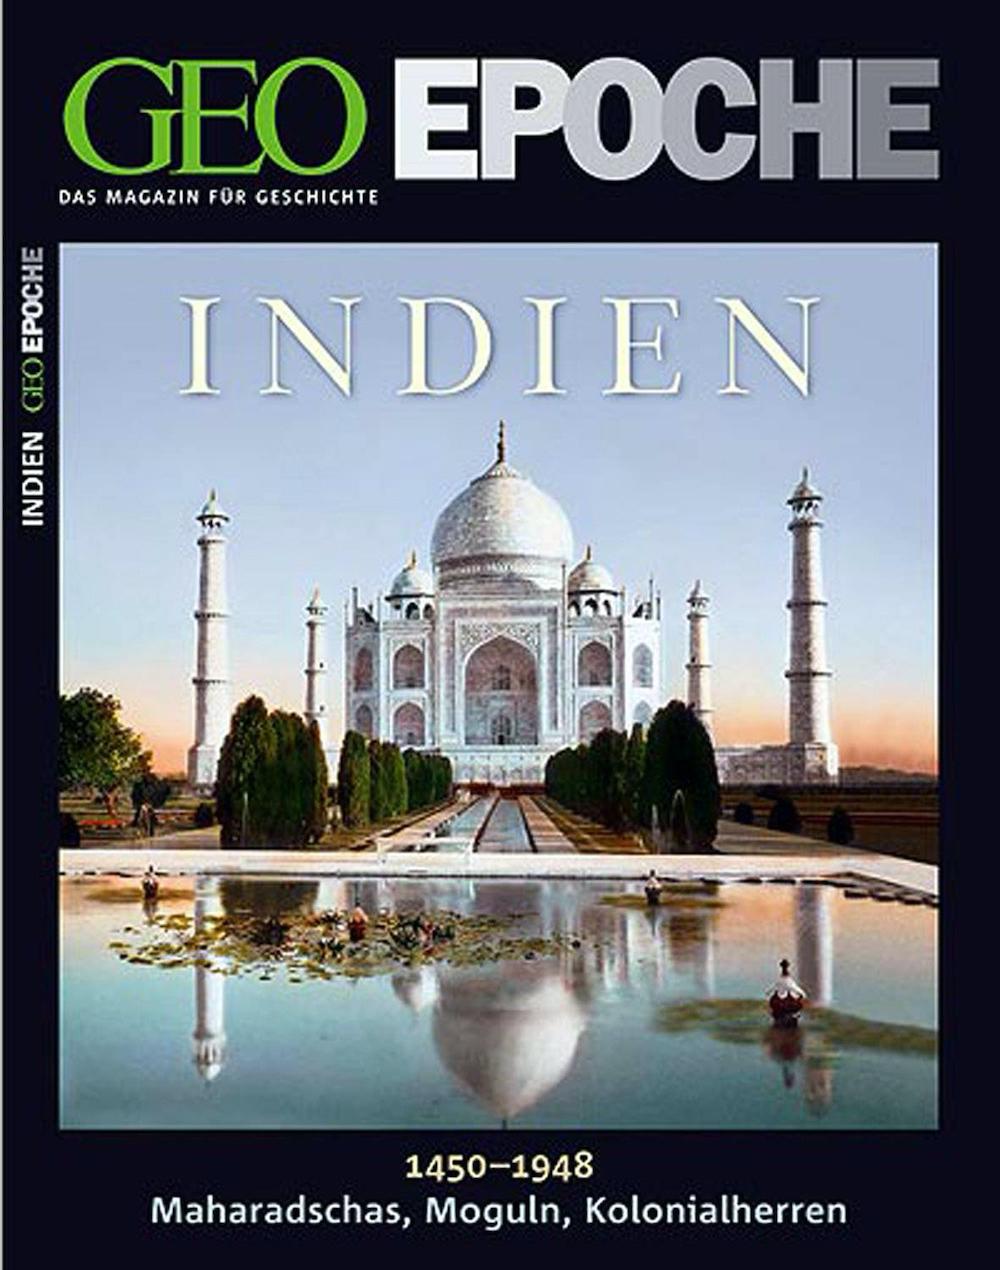 GEO Epoche 2010-41 Indien